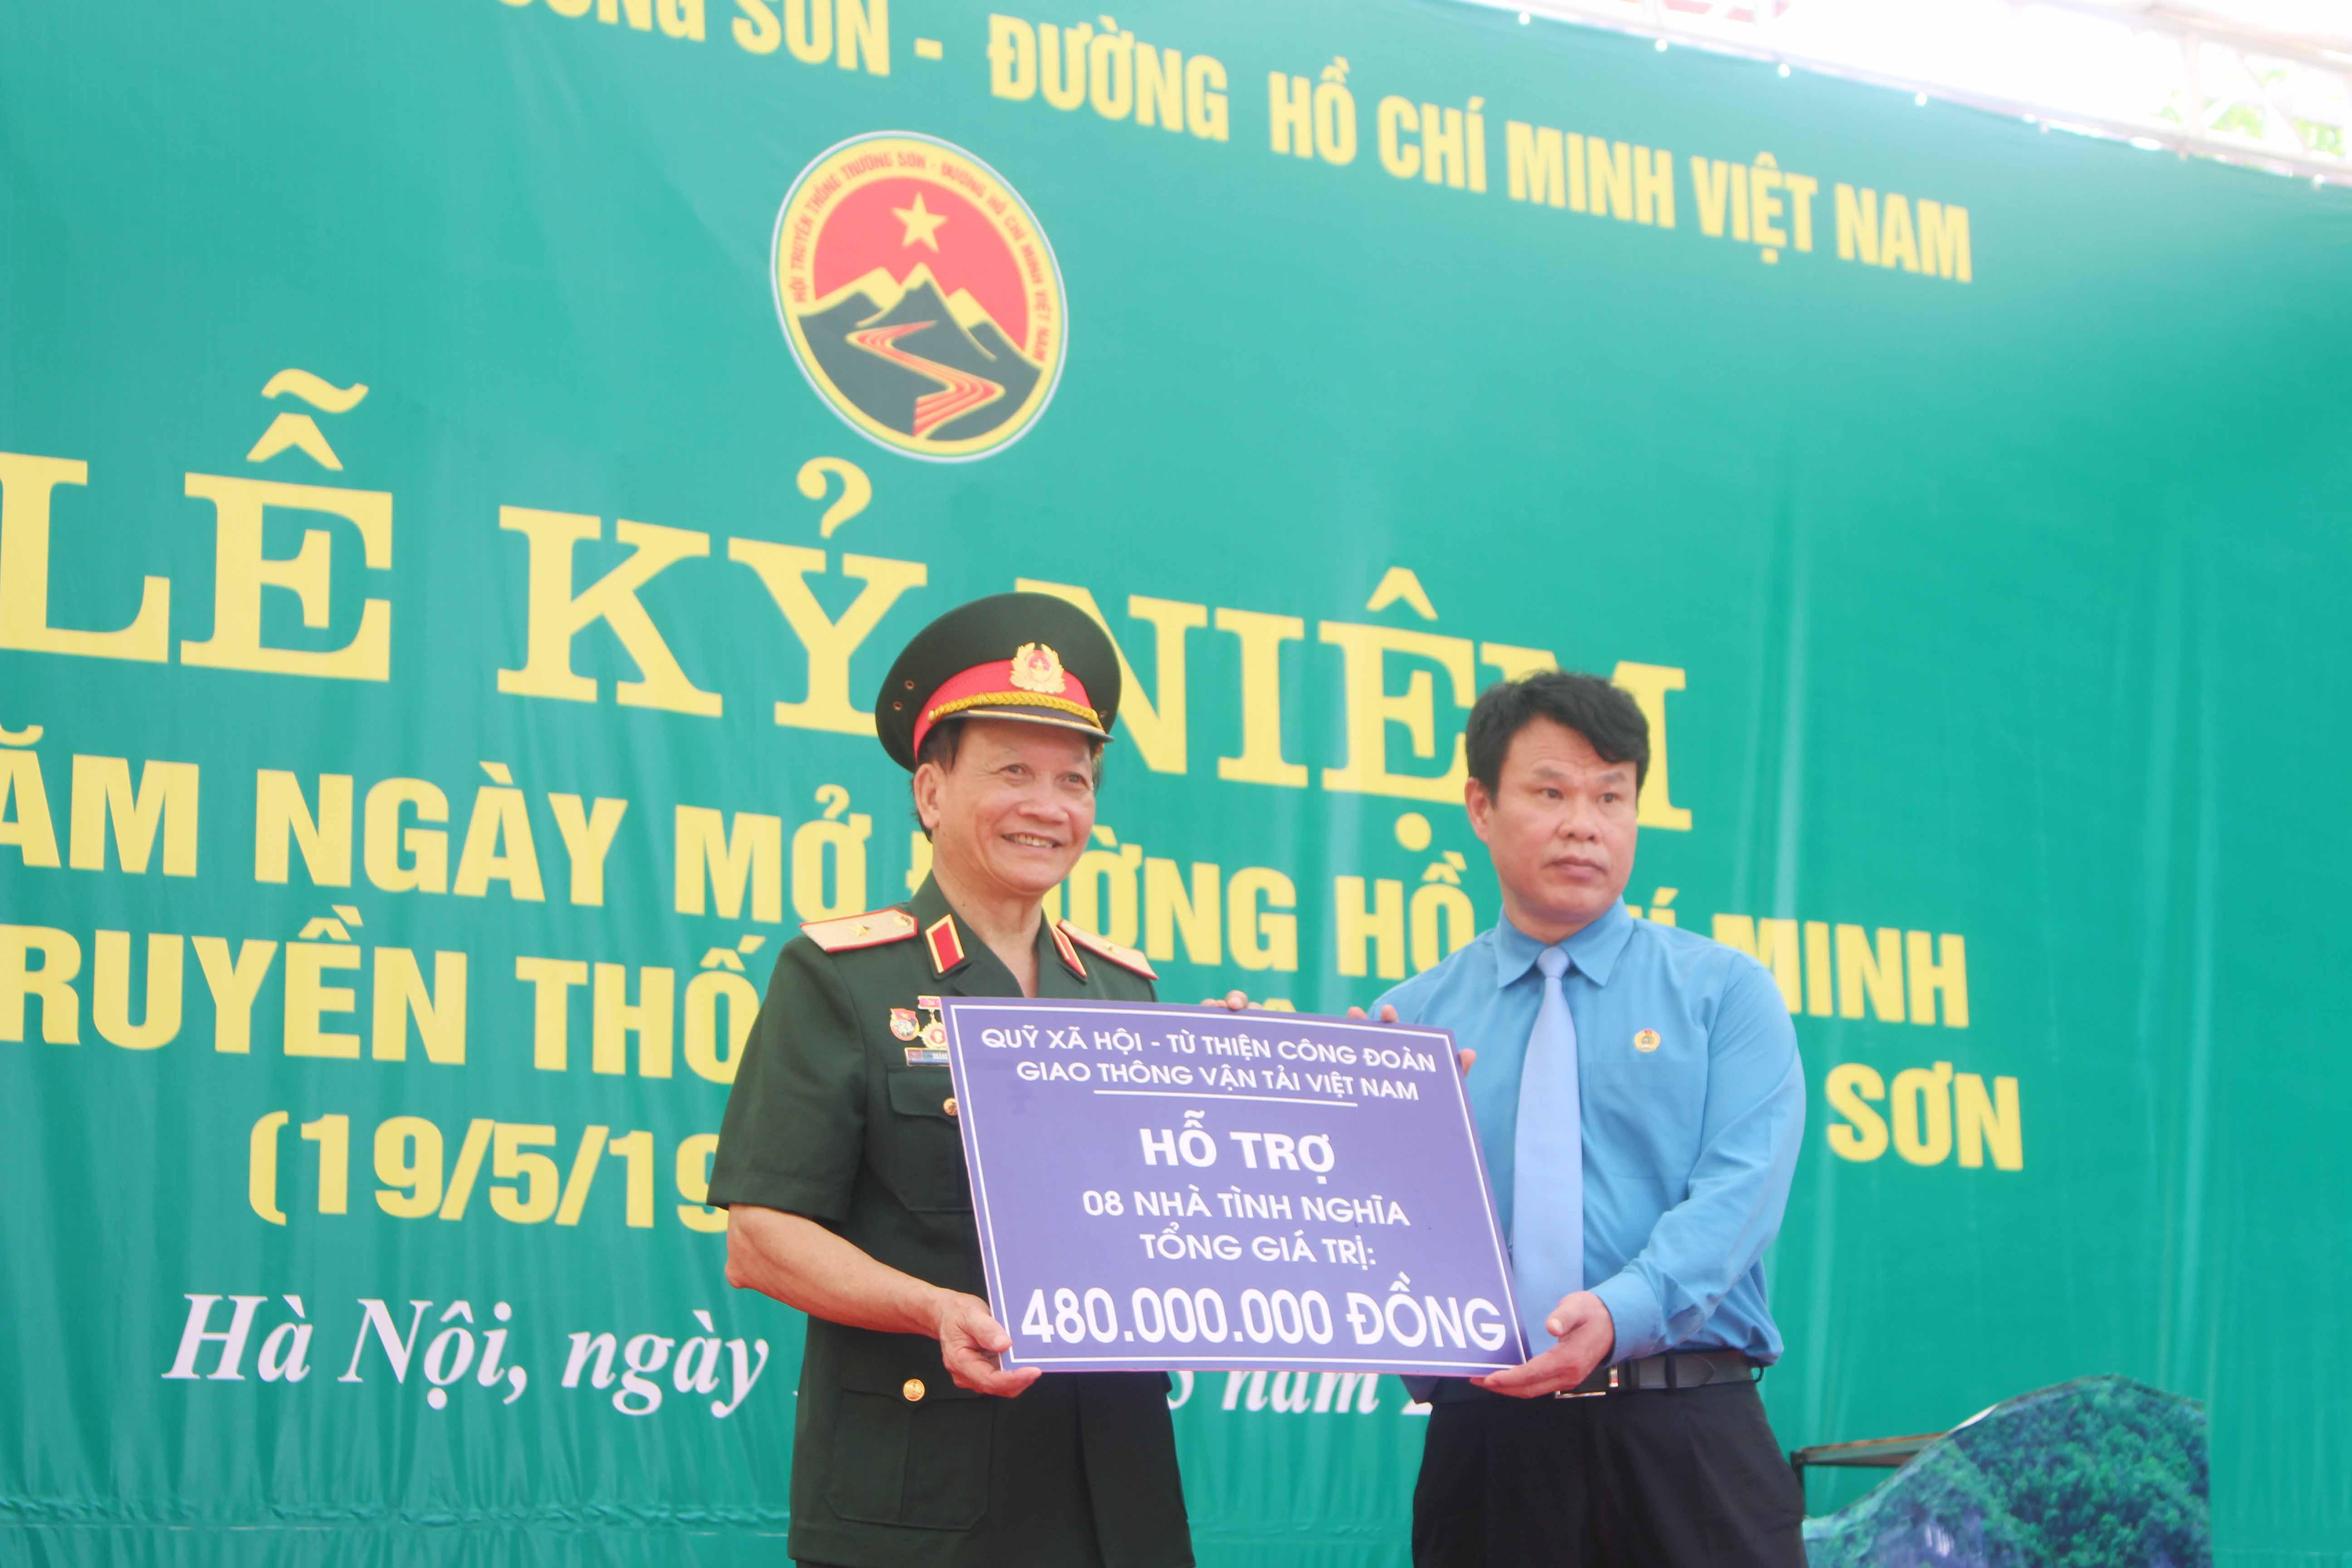 Phóng sự ảnh Lê kỷ niệm 60 năm Ngày mở đường Hồ Chí Minh-Ngày truyền thống Bô đội Trường Sơn